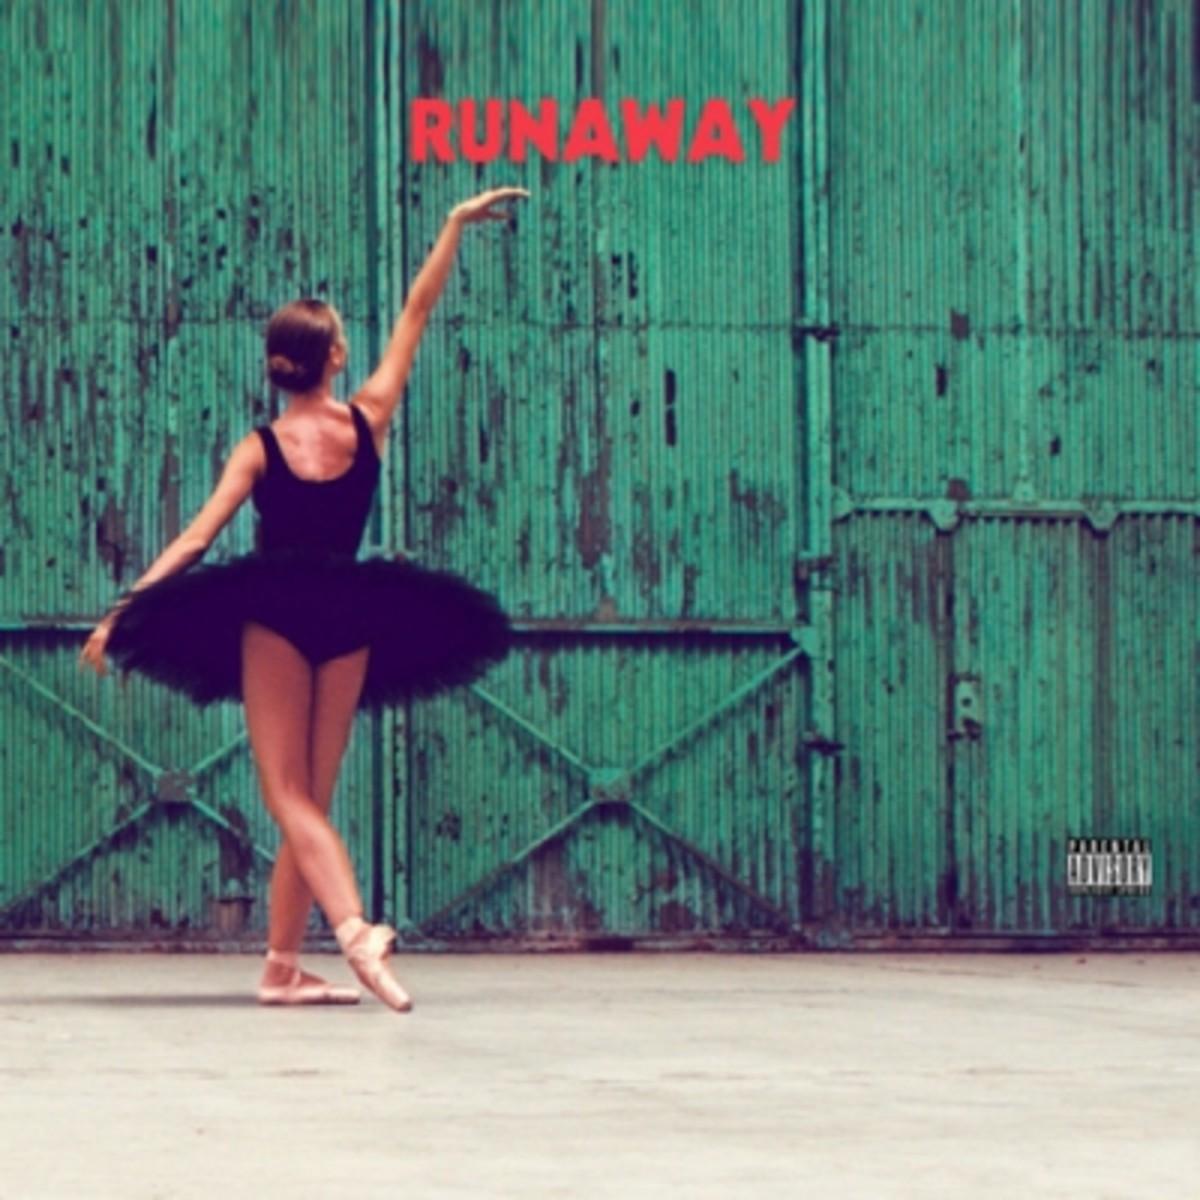 runawaykanyevideo.jpg